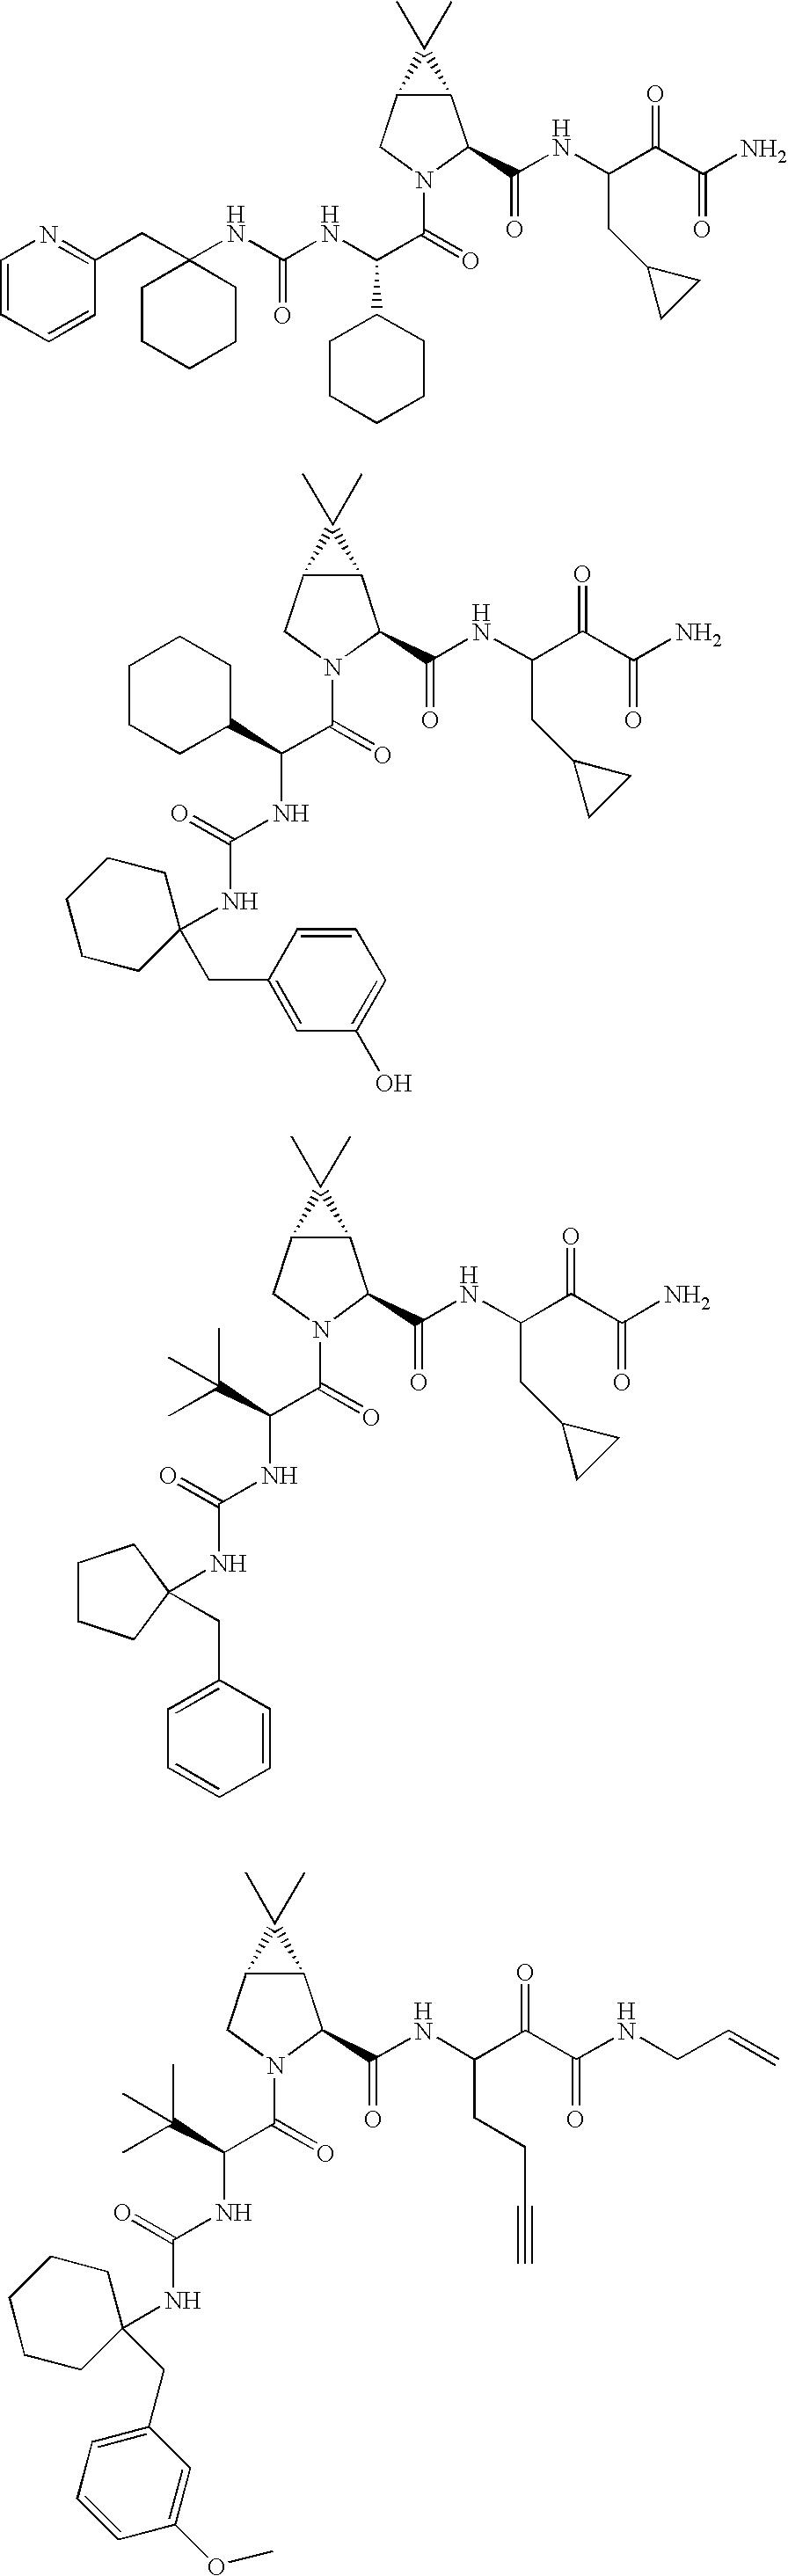 Figure US20060287248A1-20061221-C00333